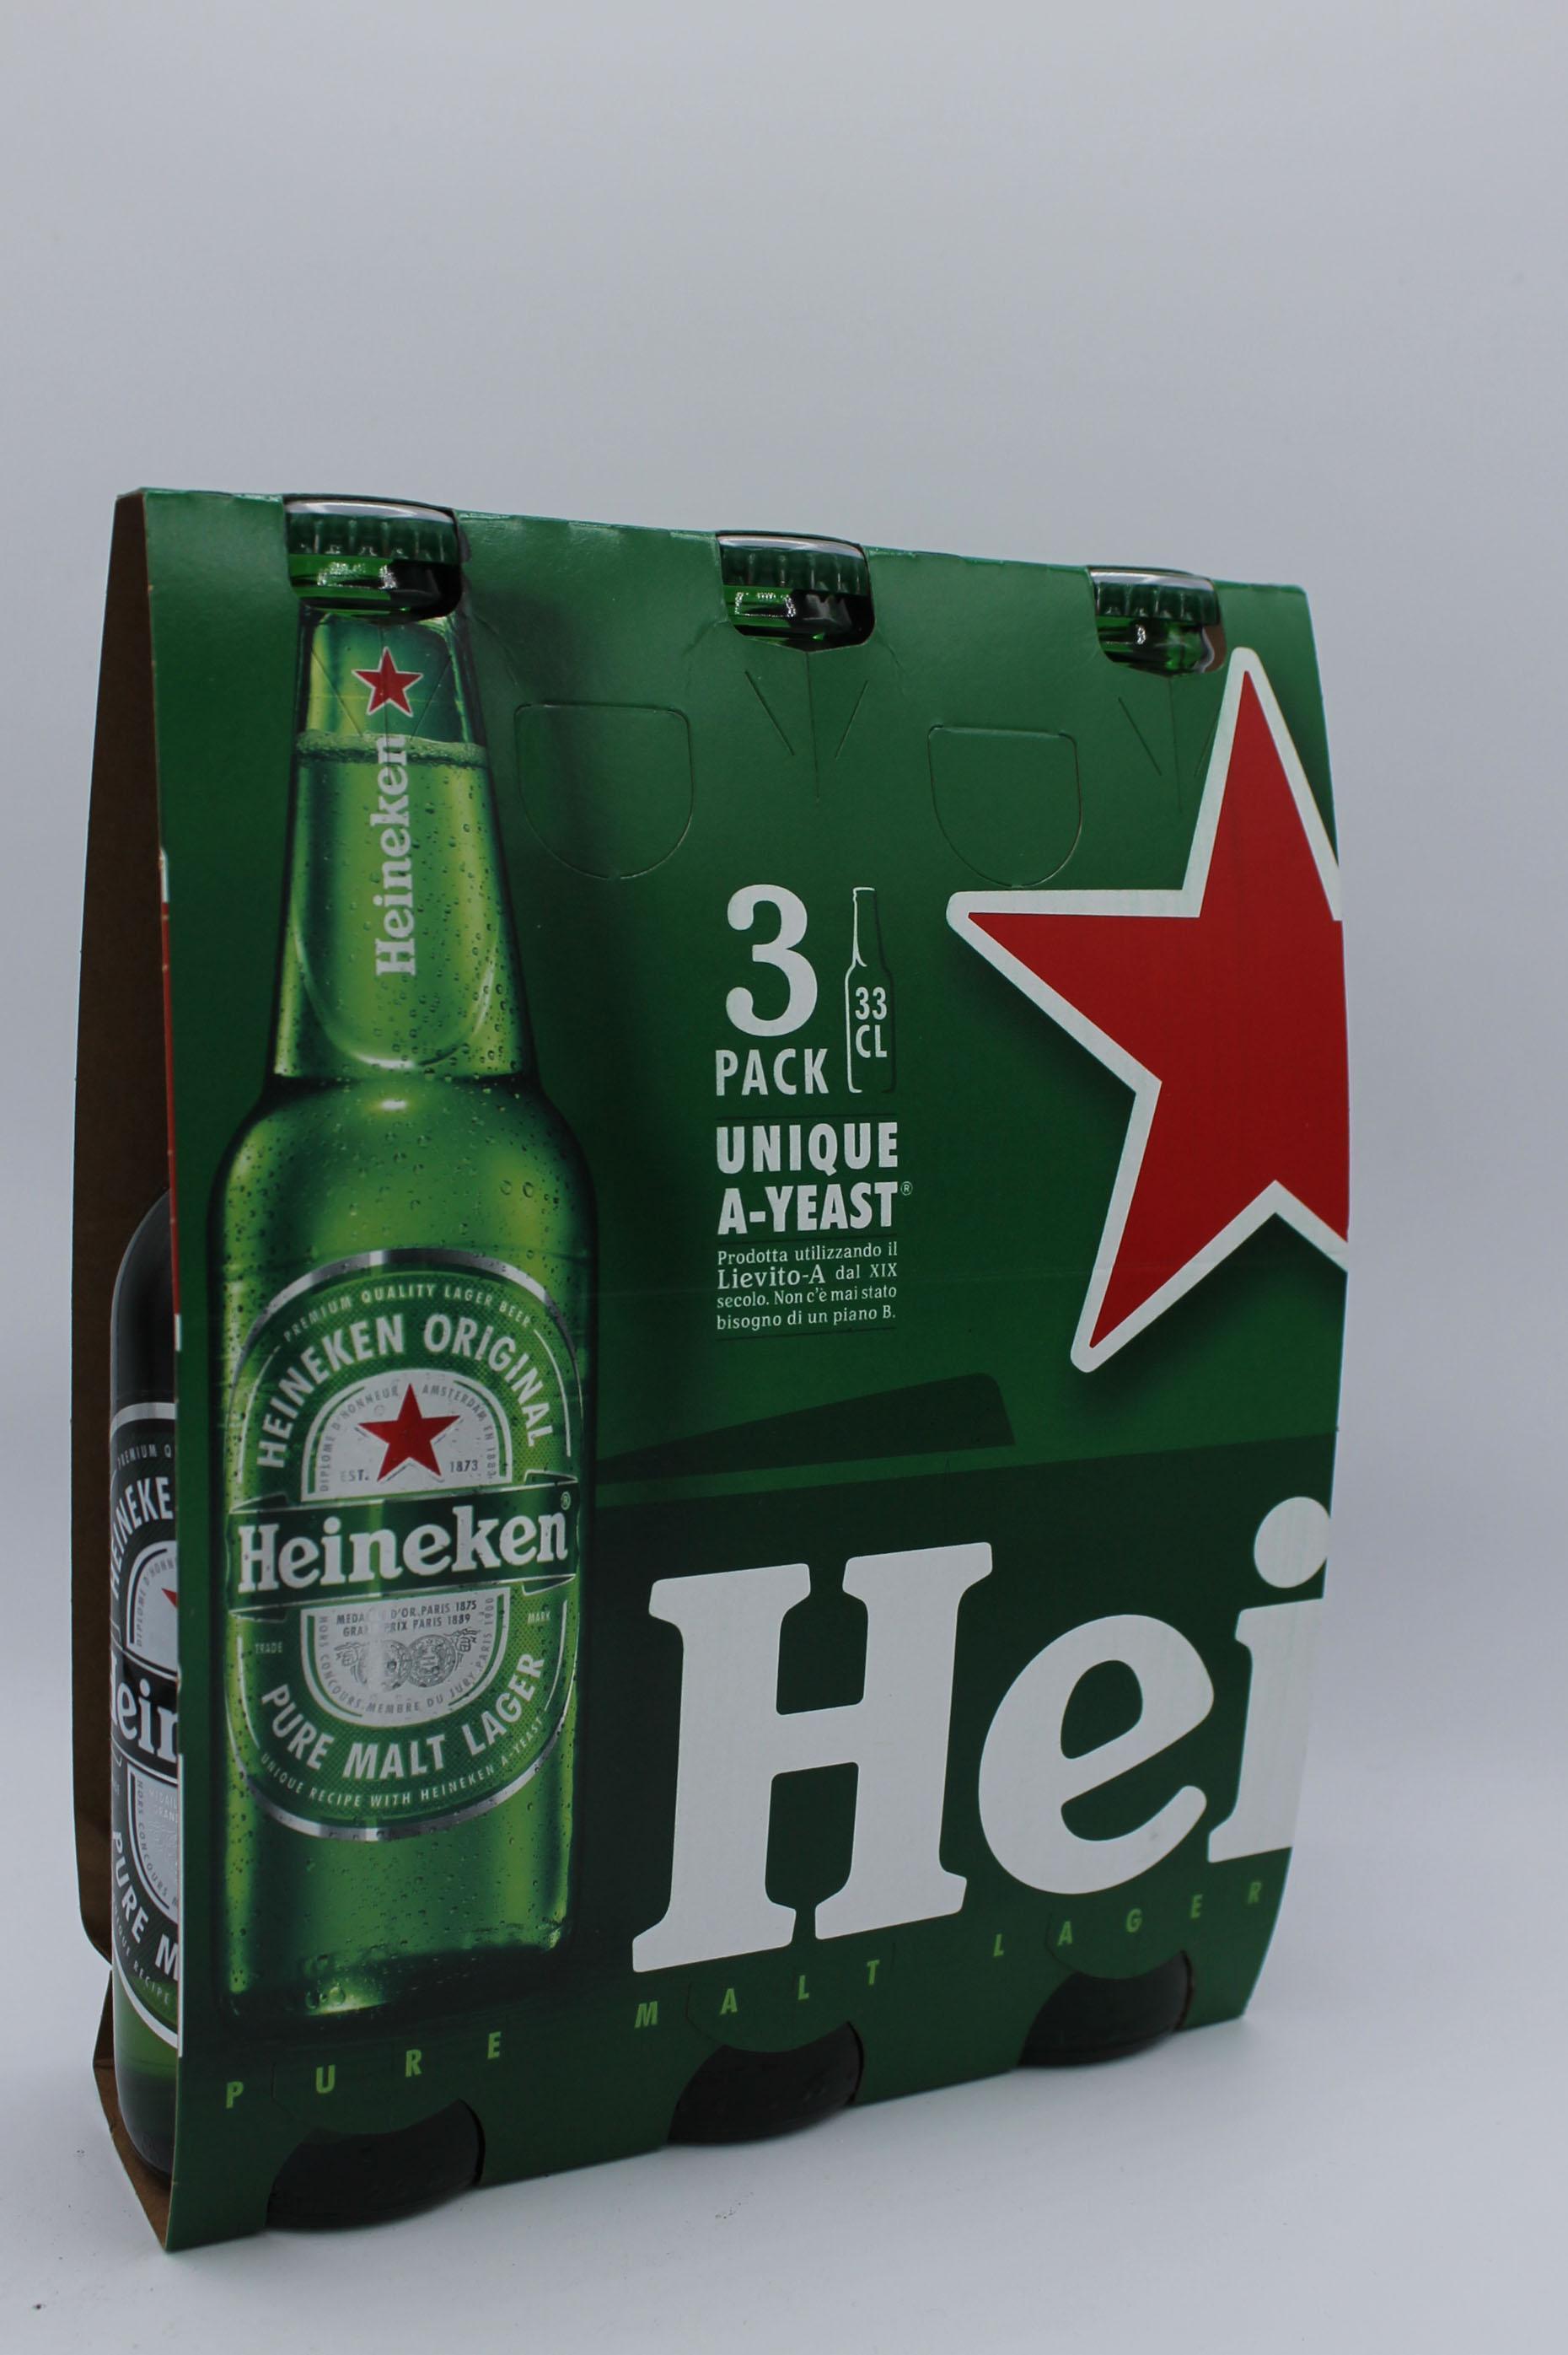 Heineken birra 3x330ml vari gusti.